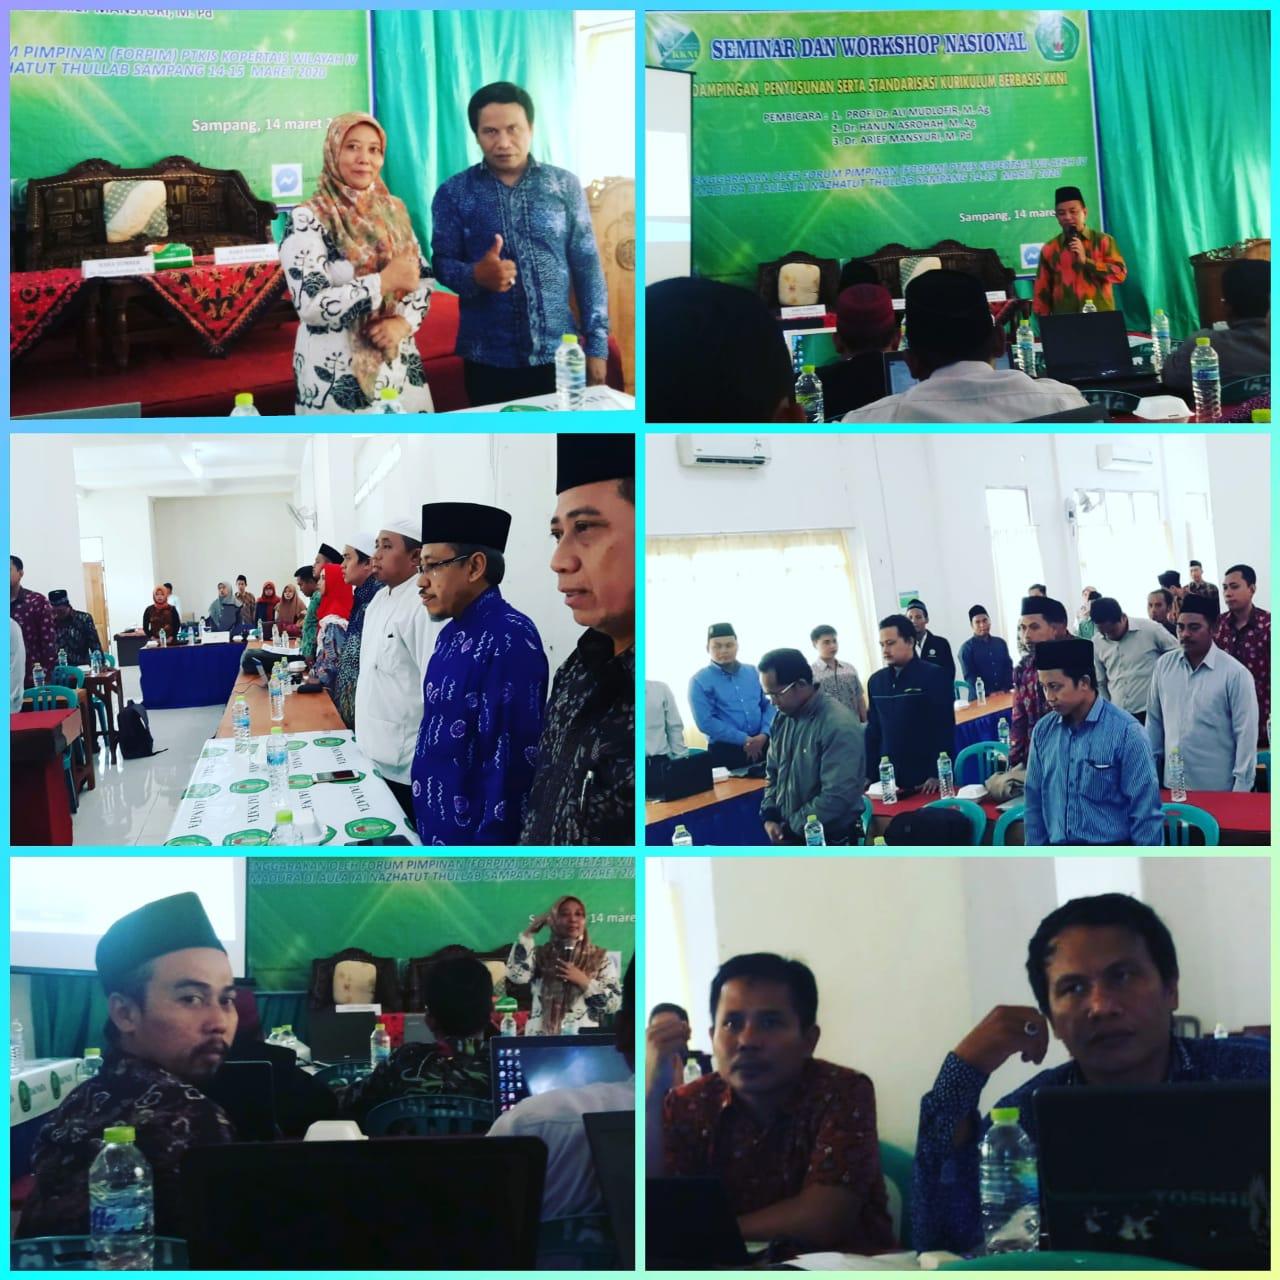 Seminar_dan_Workshop_Nasional1.jpg